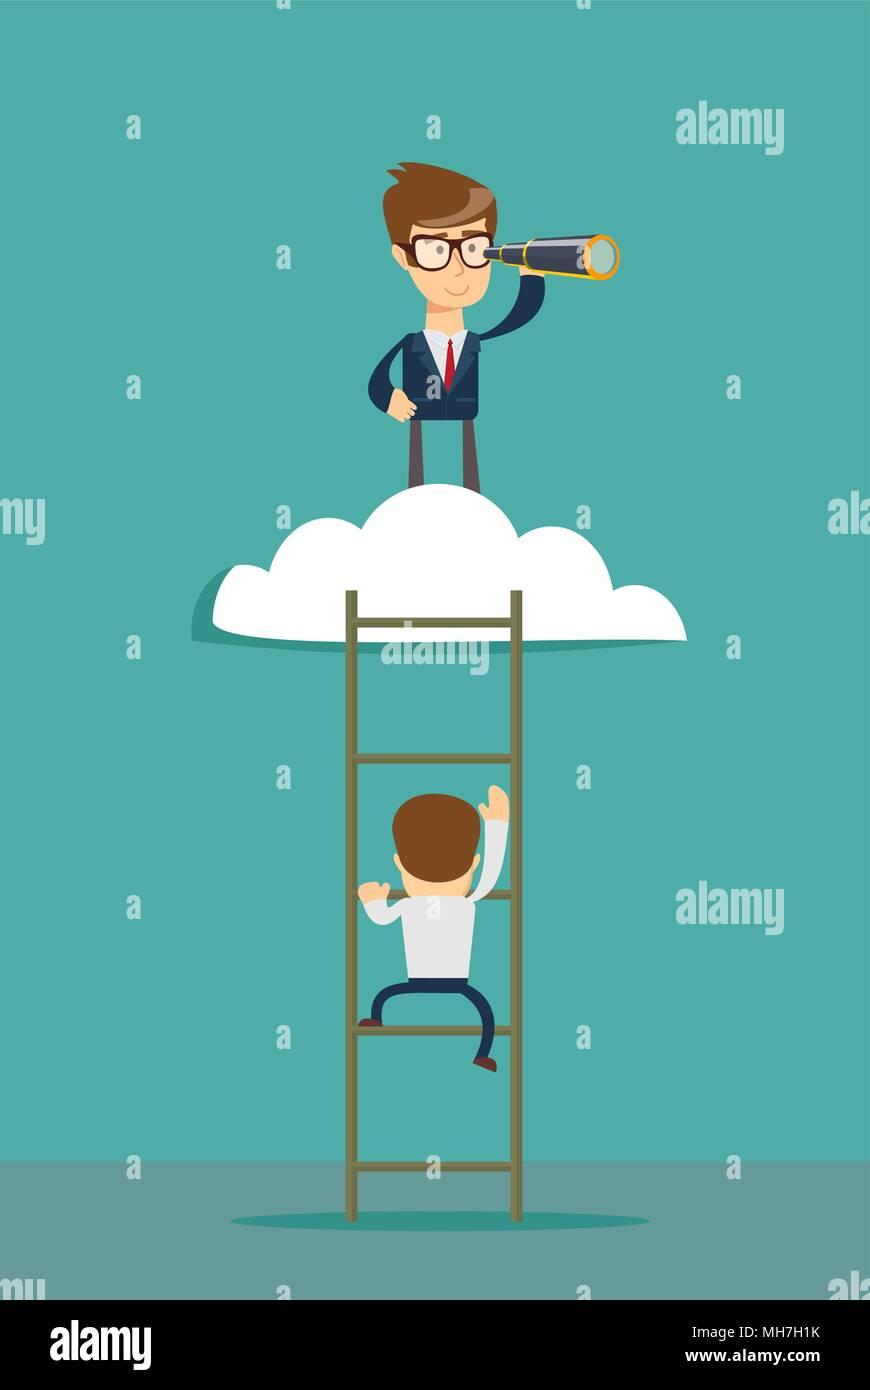 Business Leadership vektor Konzept Stockbild